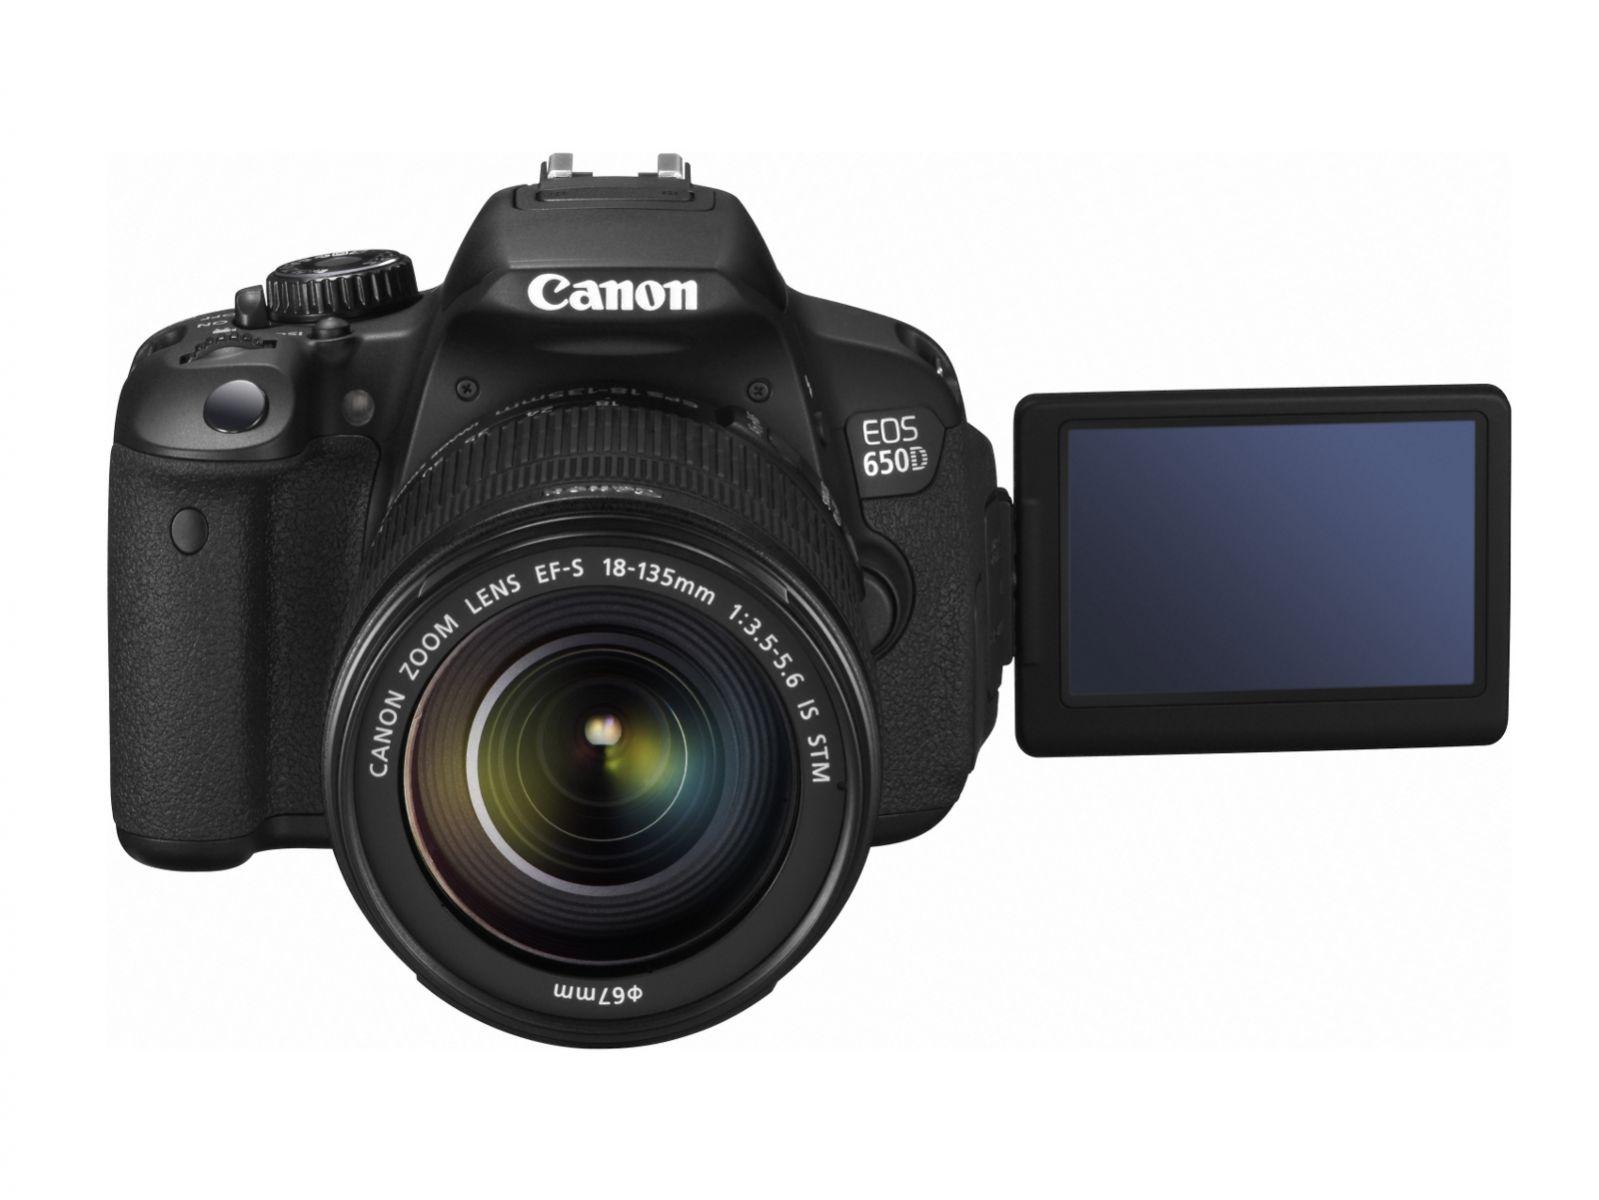 Canon EOS 650D / Kiss X6i / Rebel T4i